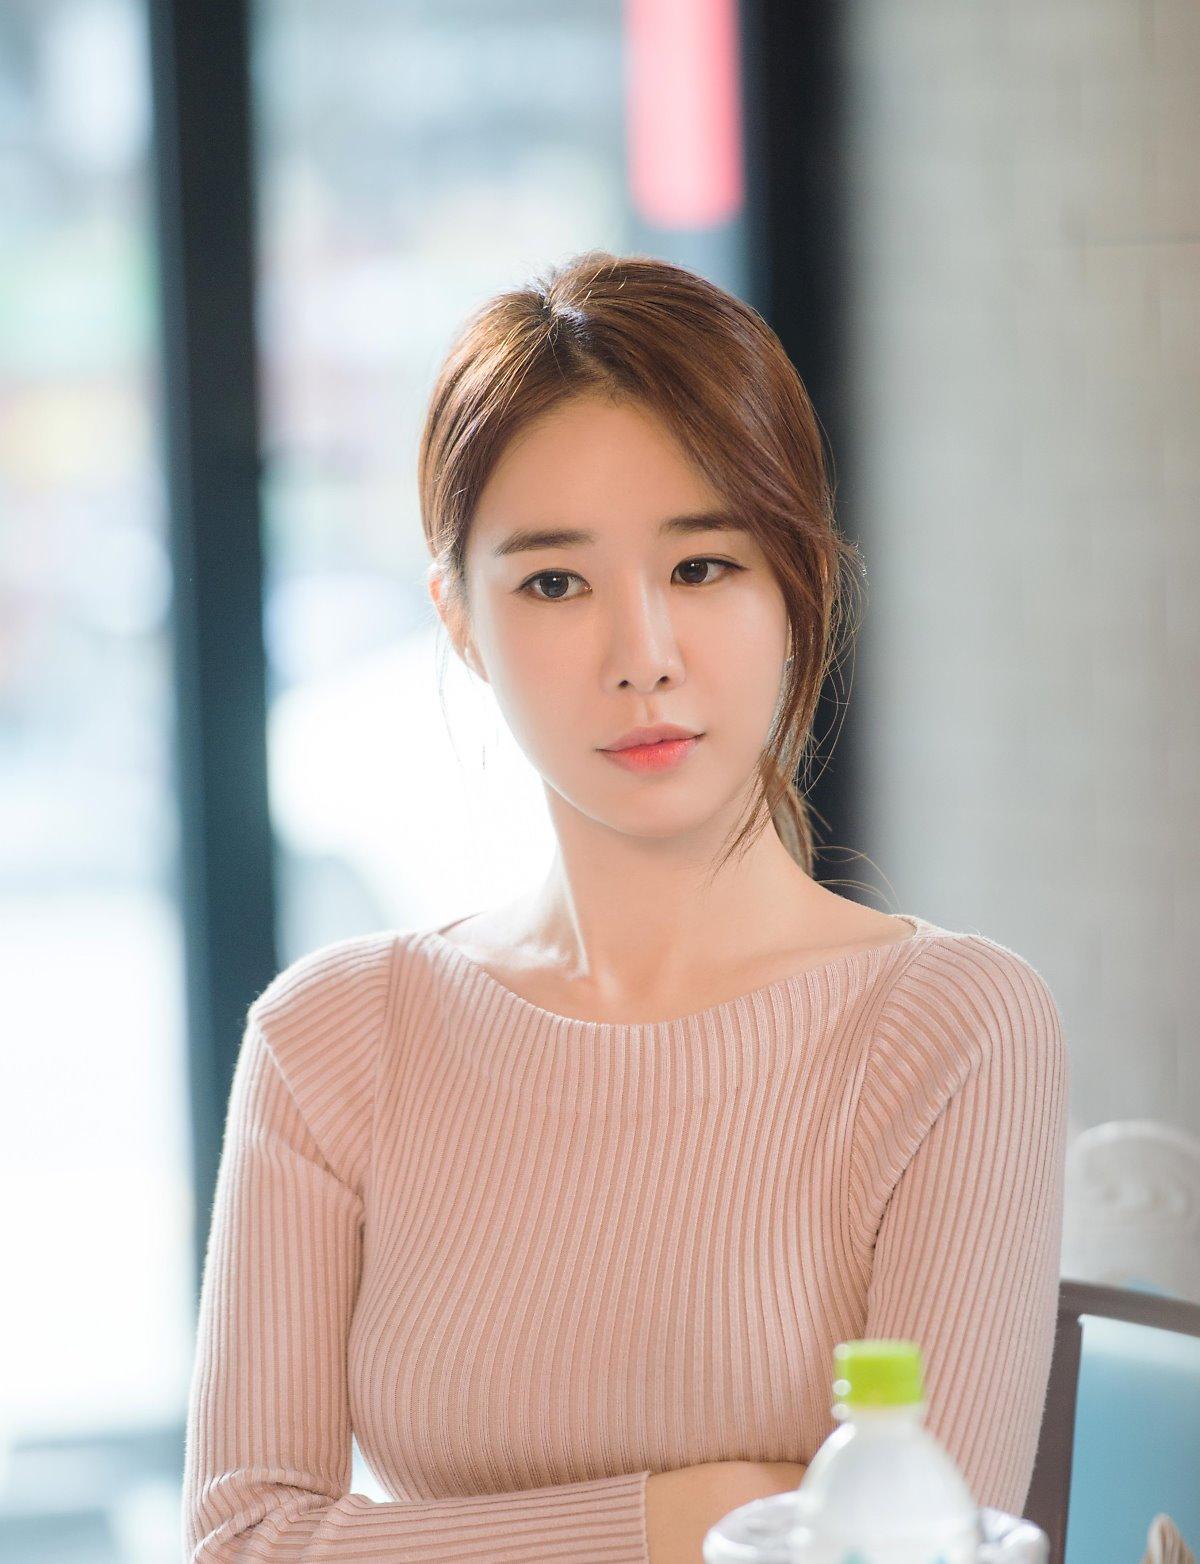 Hani. Daniel and Yoo In Na Were All Bullied During Their School Years - Koreaboo